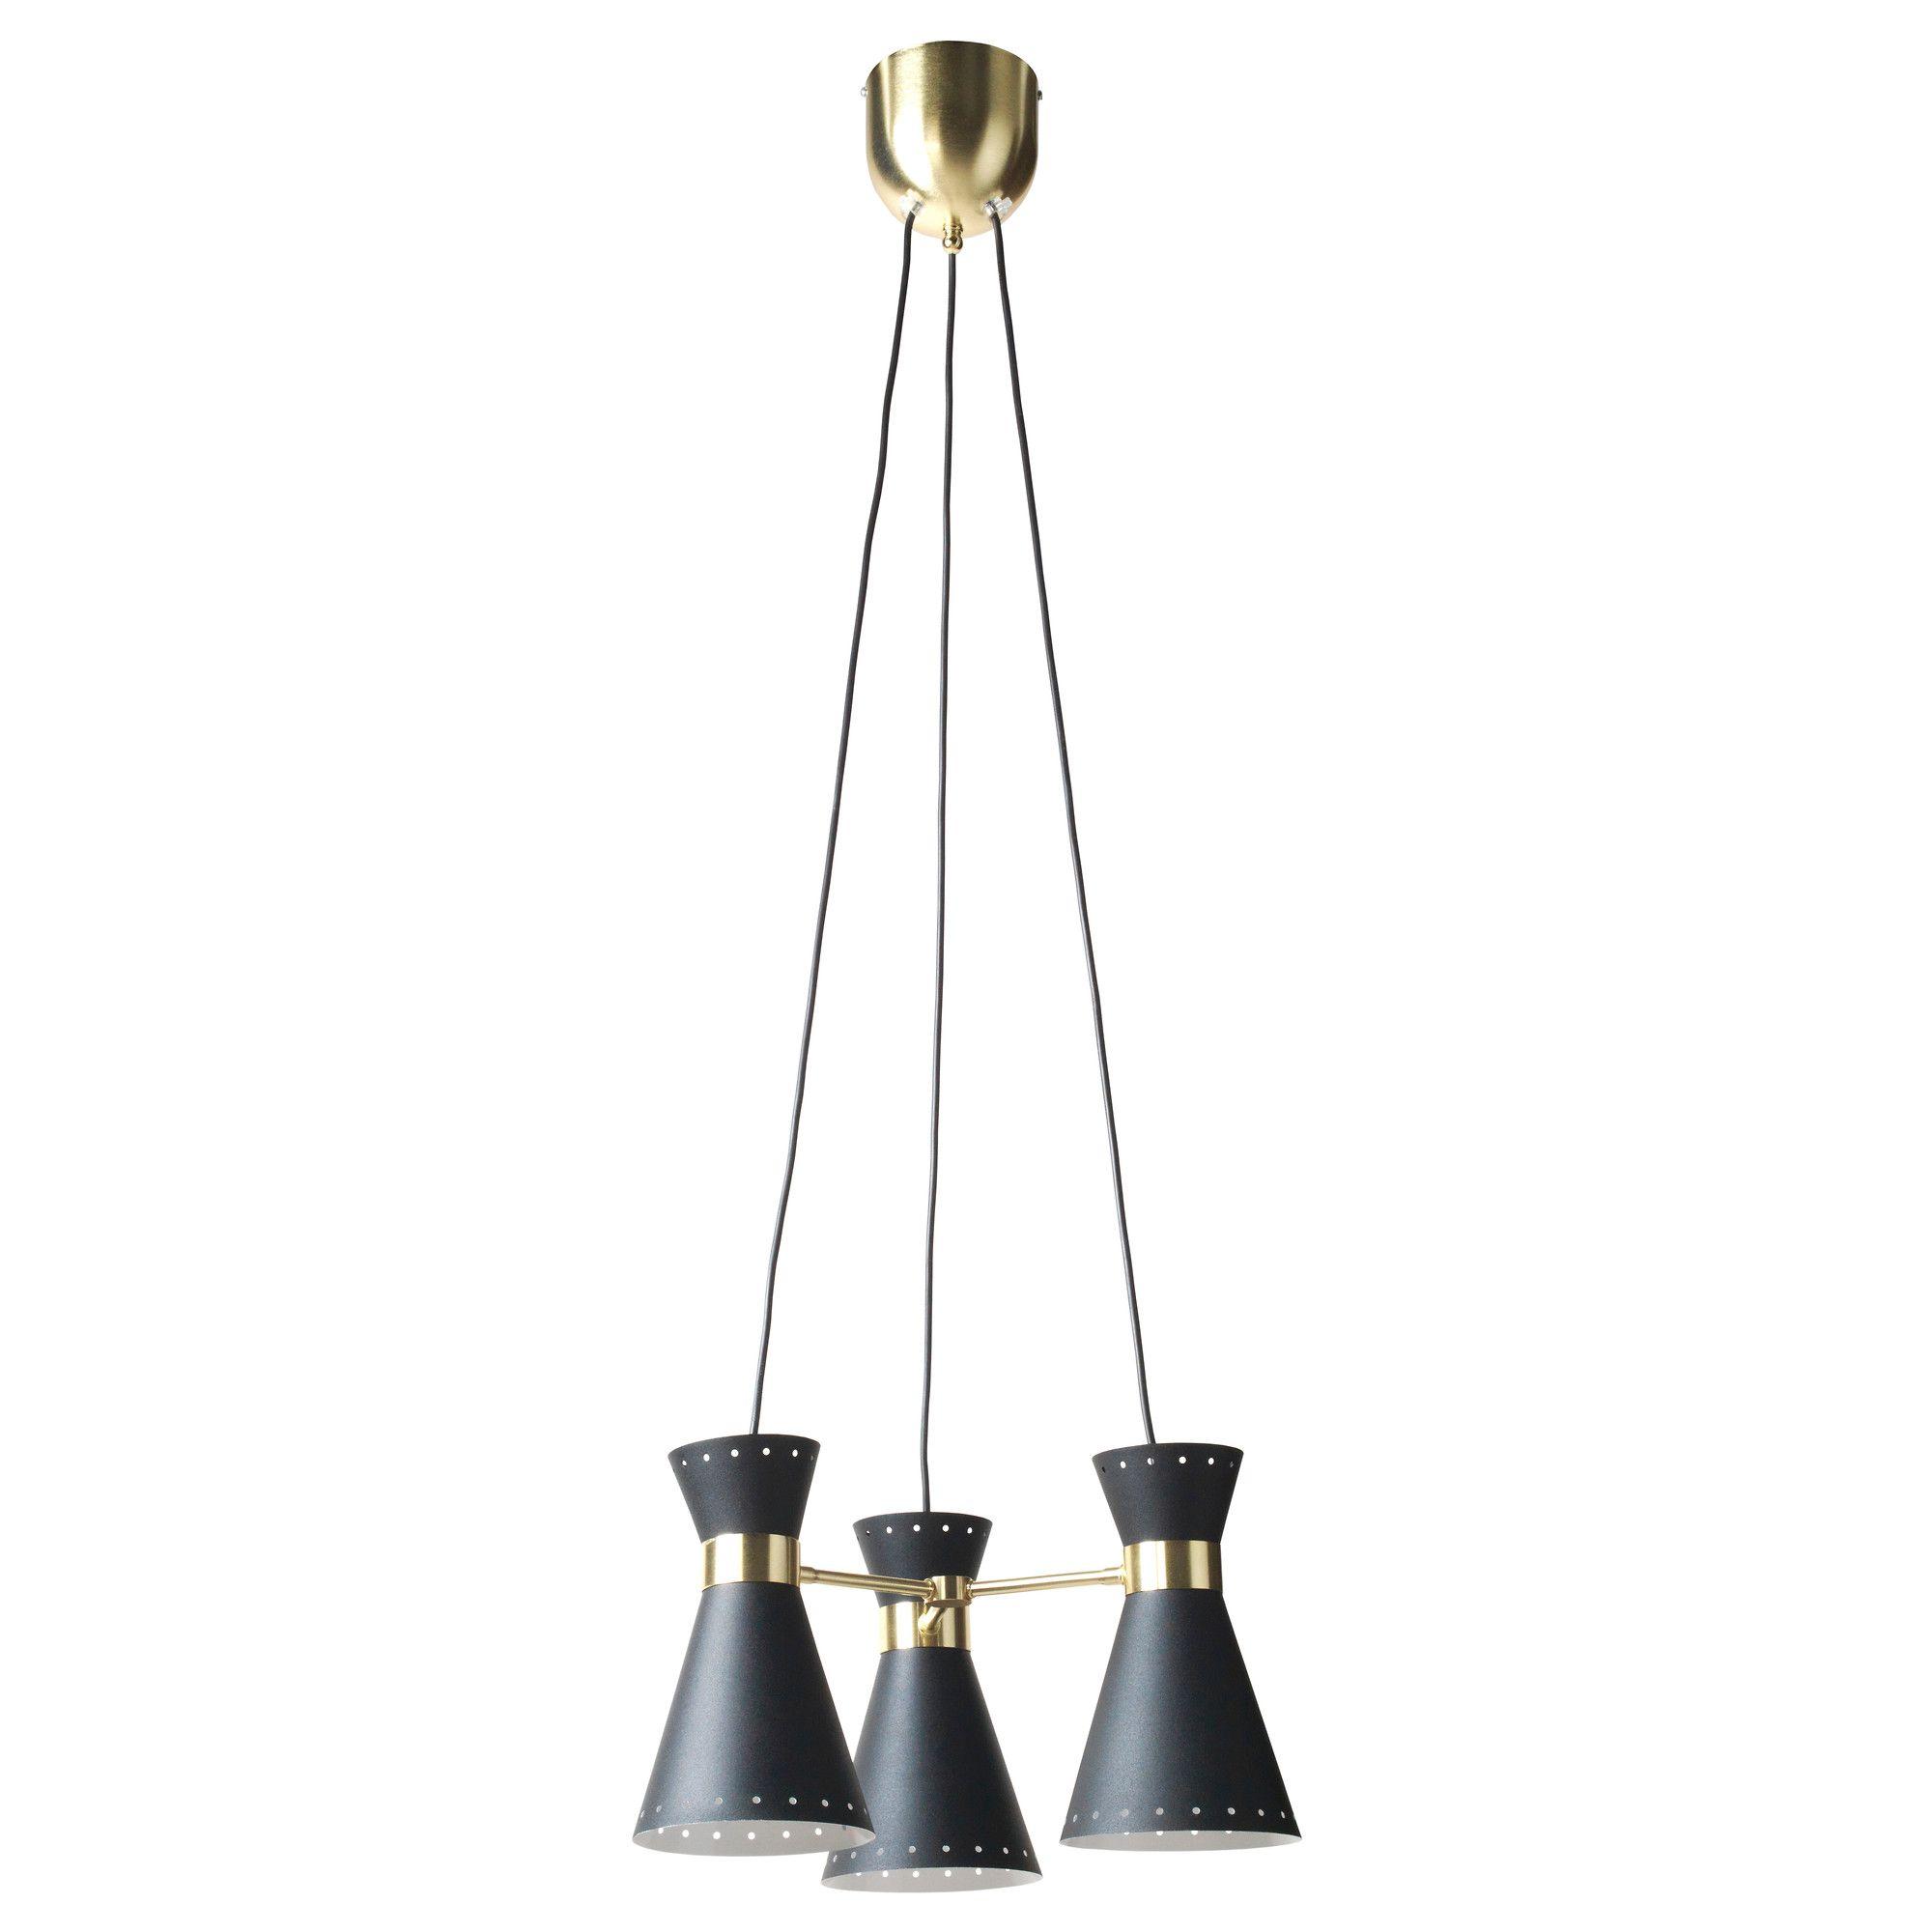 2d0d3c7a68f9c1e015d2665ecf345e5d 10 Nouveau Suspension 3 Lampes Hht5